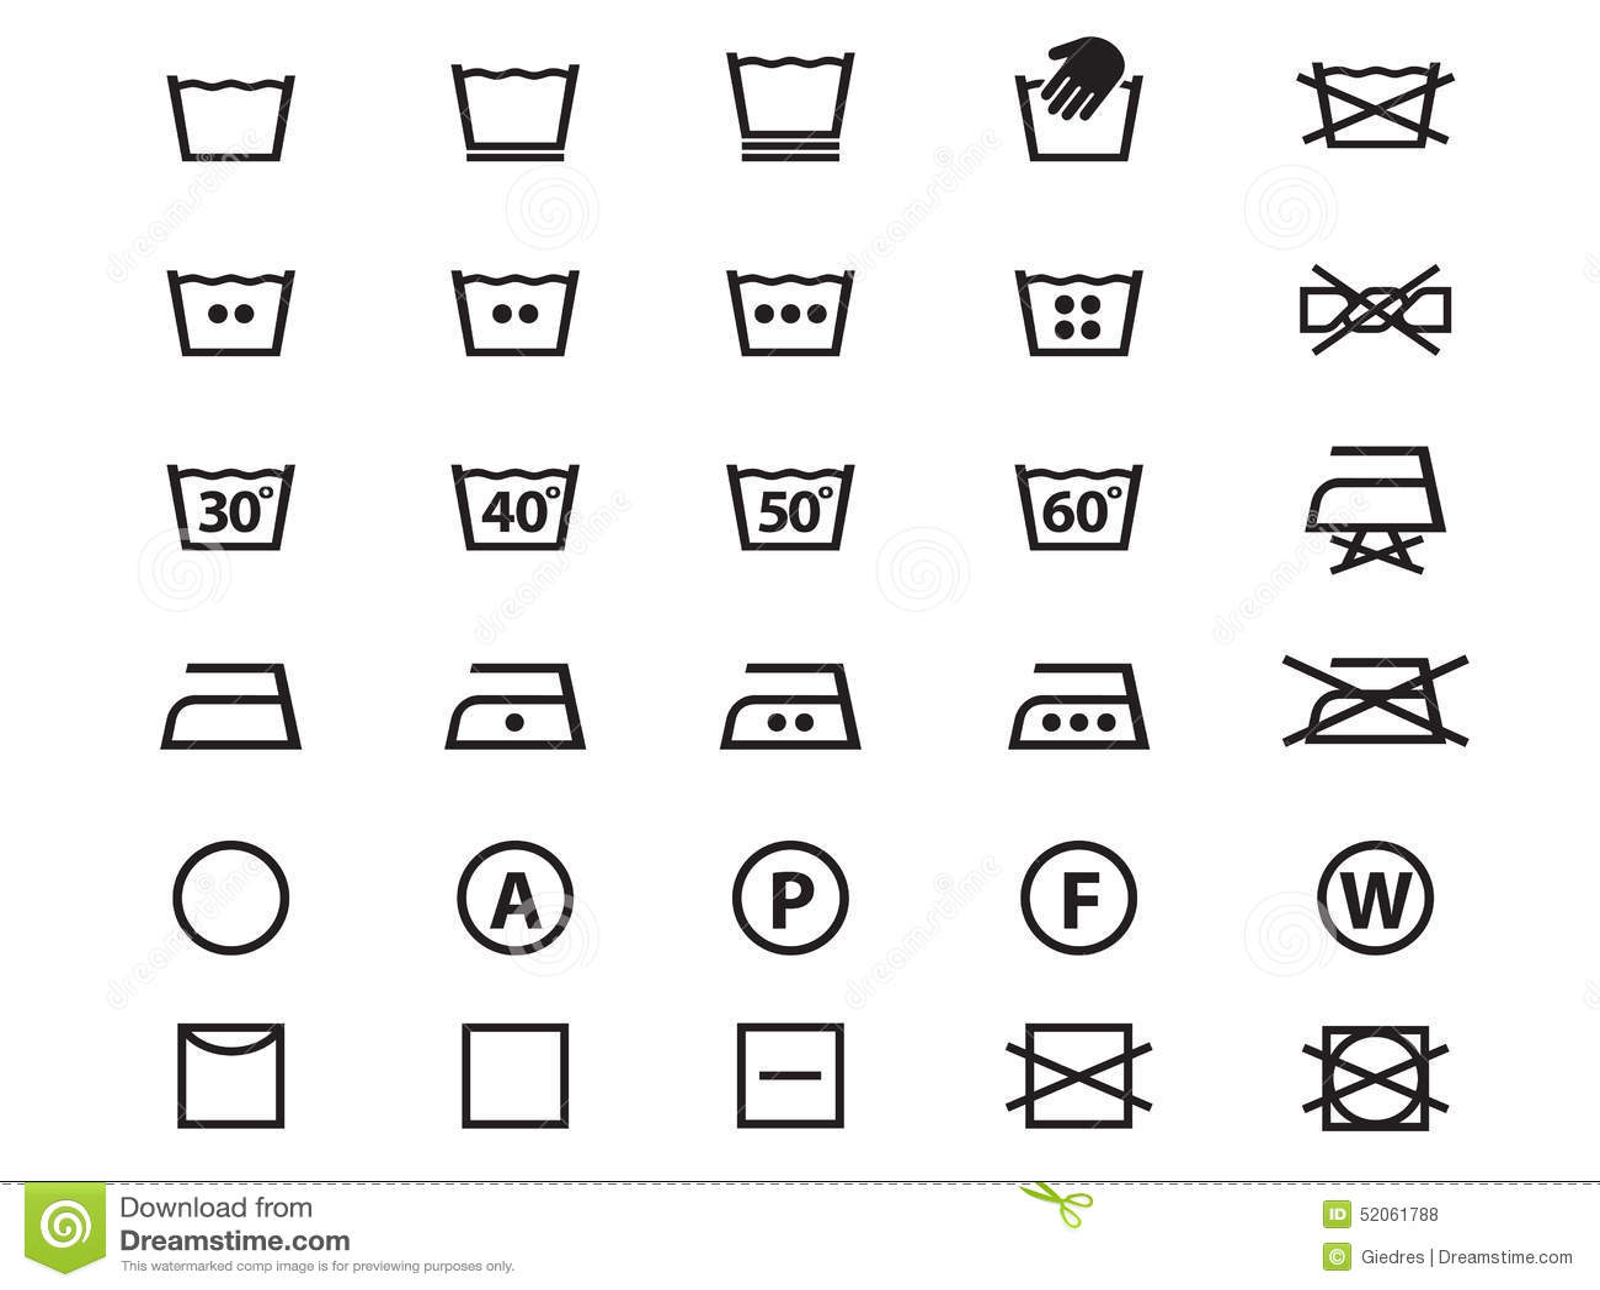 Laundry Symbols Stock Vector